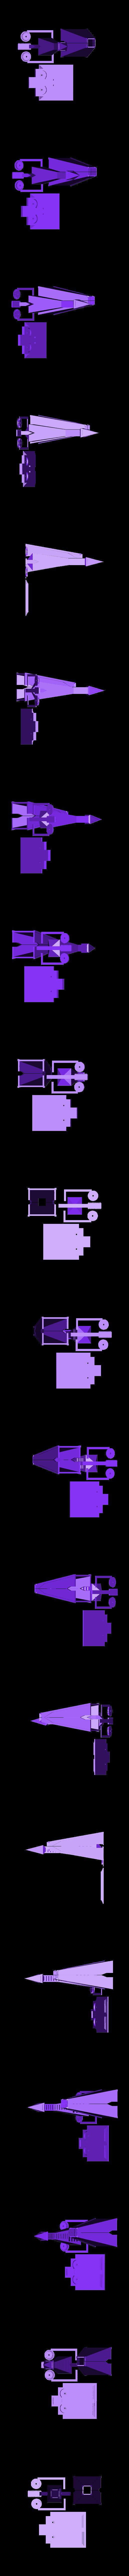 Vr 2.0 full sd tower.stl Download free STL file Mechanical Desktop SD-Card Holder • 3D printable model, LittleTup